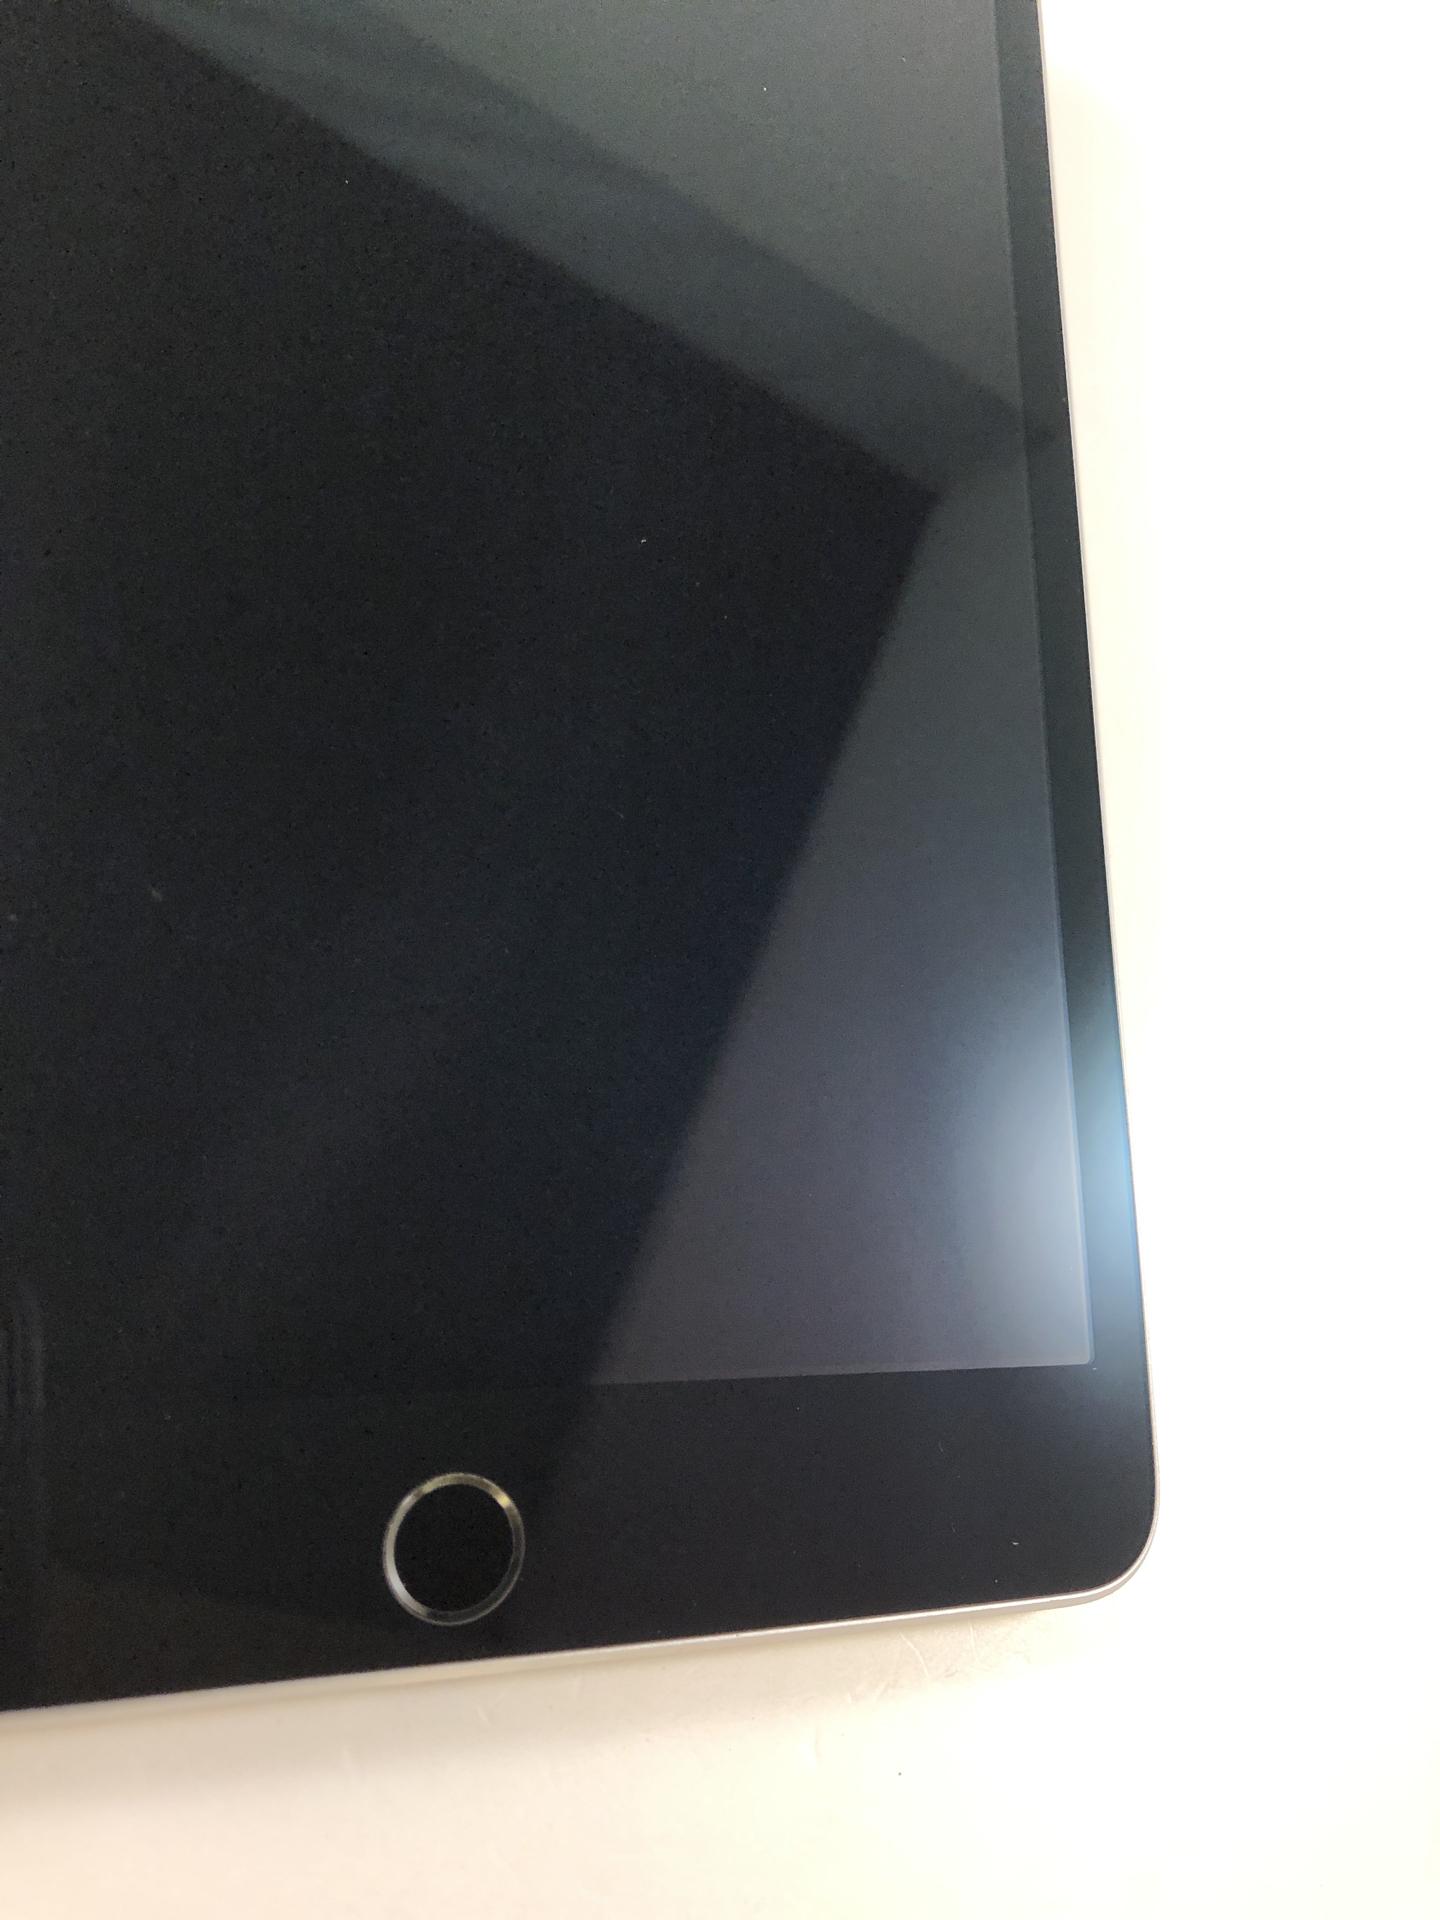 iPad mini 4 Wi-Fi + Cellular 16GB, 16GB, Space Gray, Bild 4